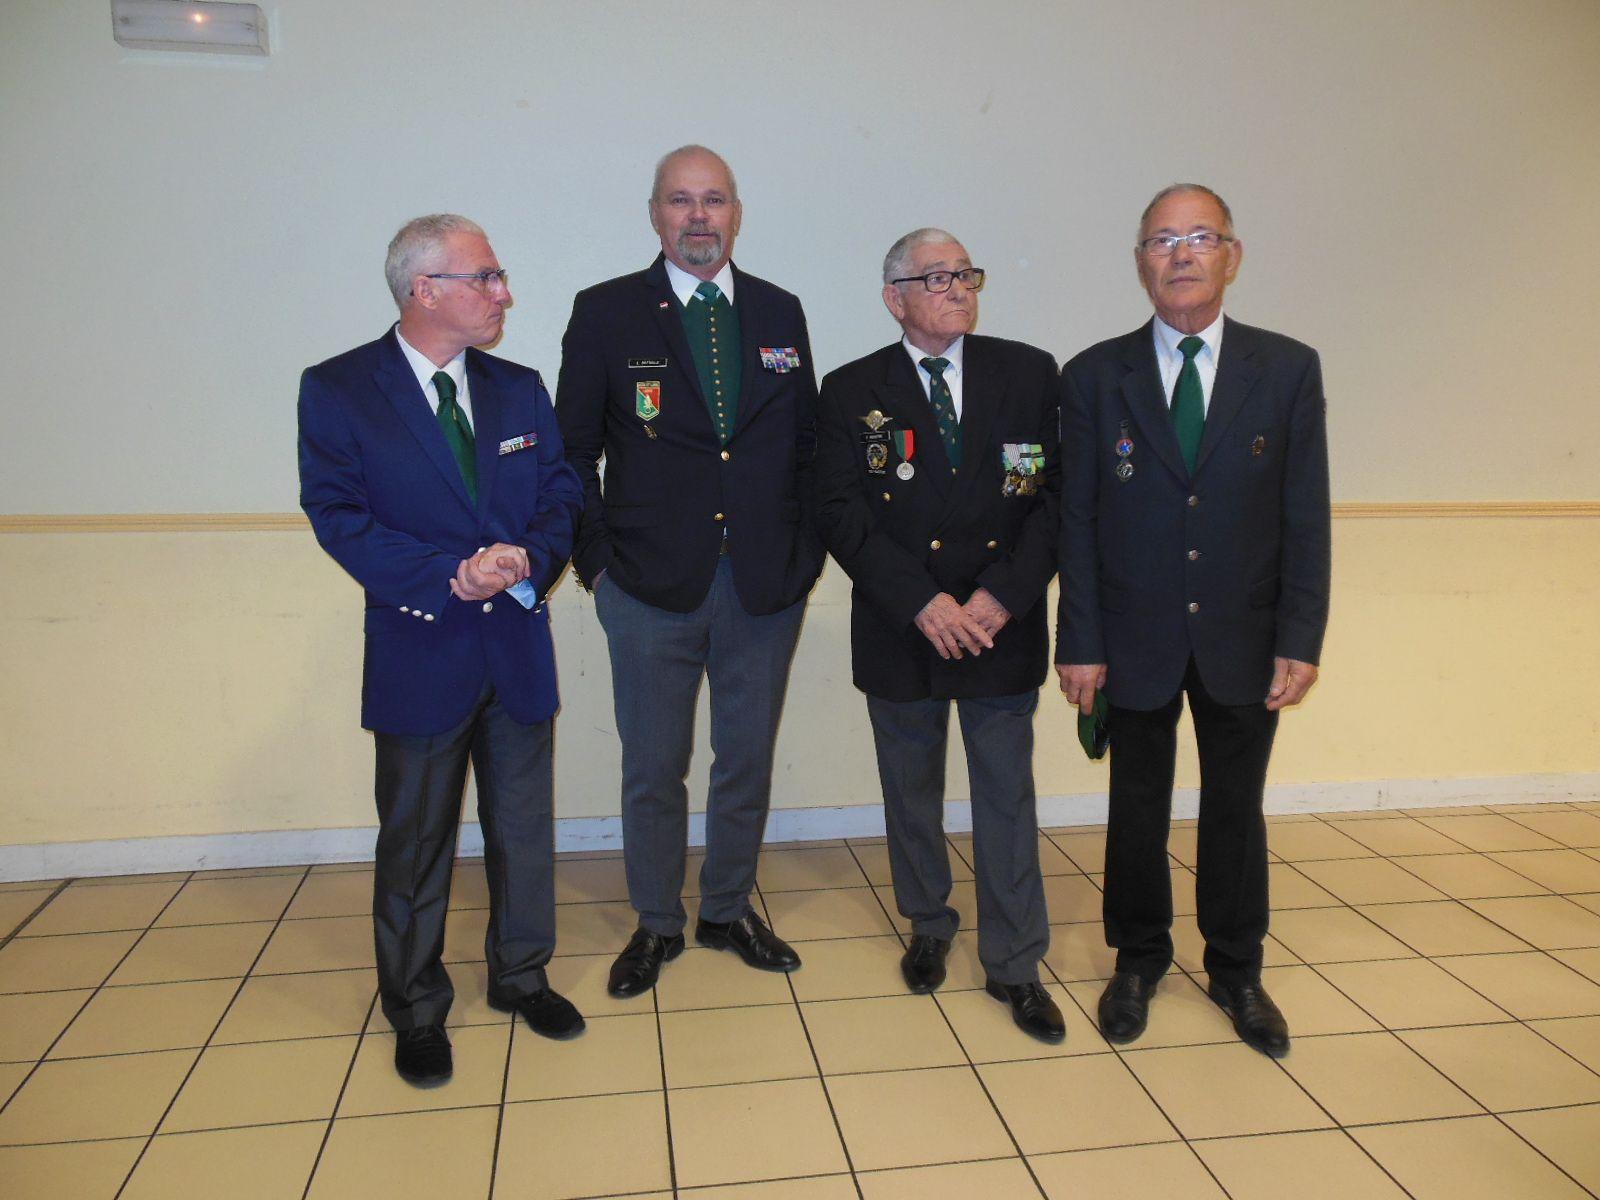 Cérémonie en hommage à Louis Richard du 30 octobre 2019 à Chambray-lès-Tours